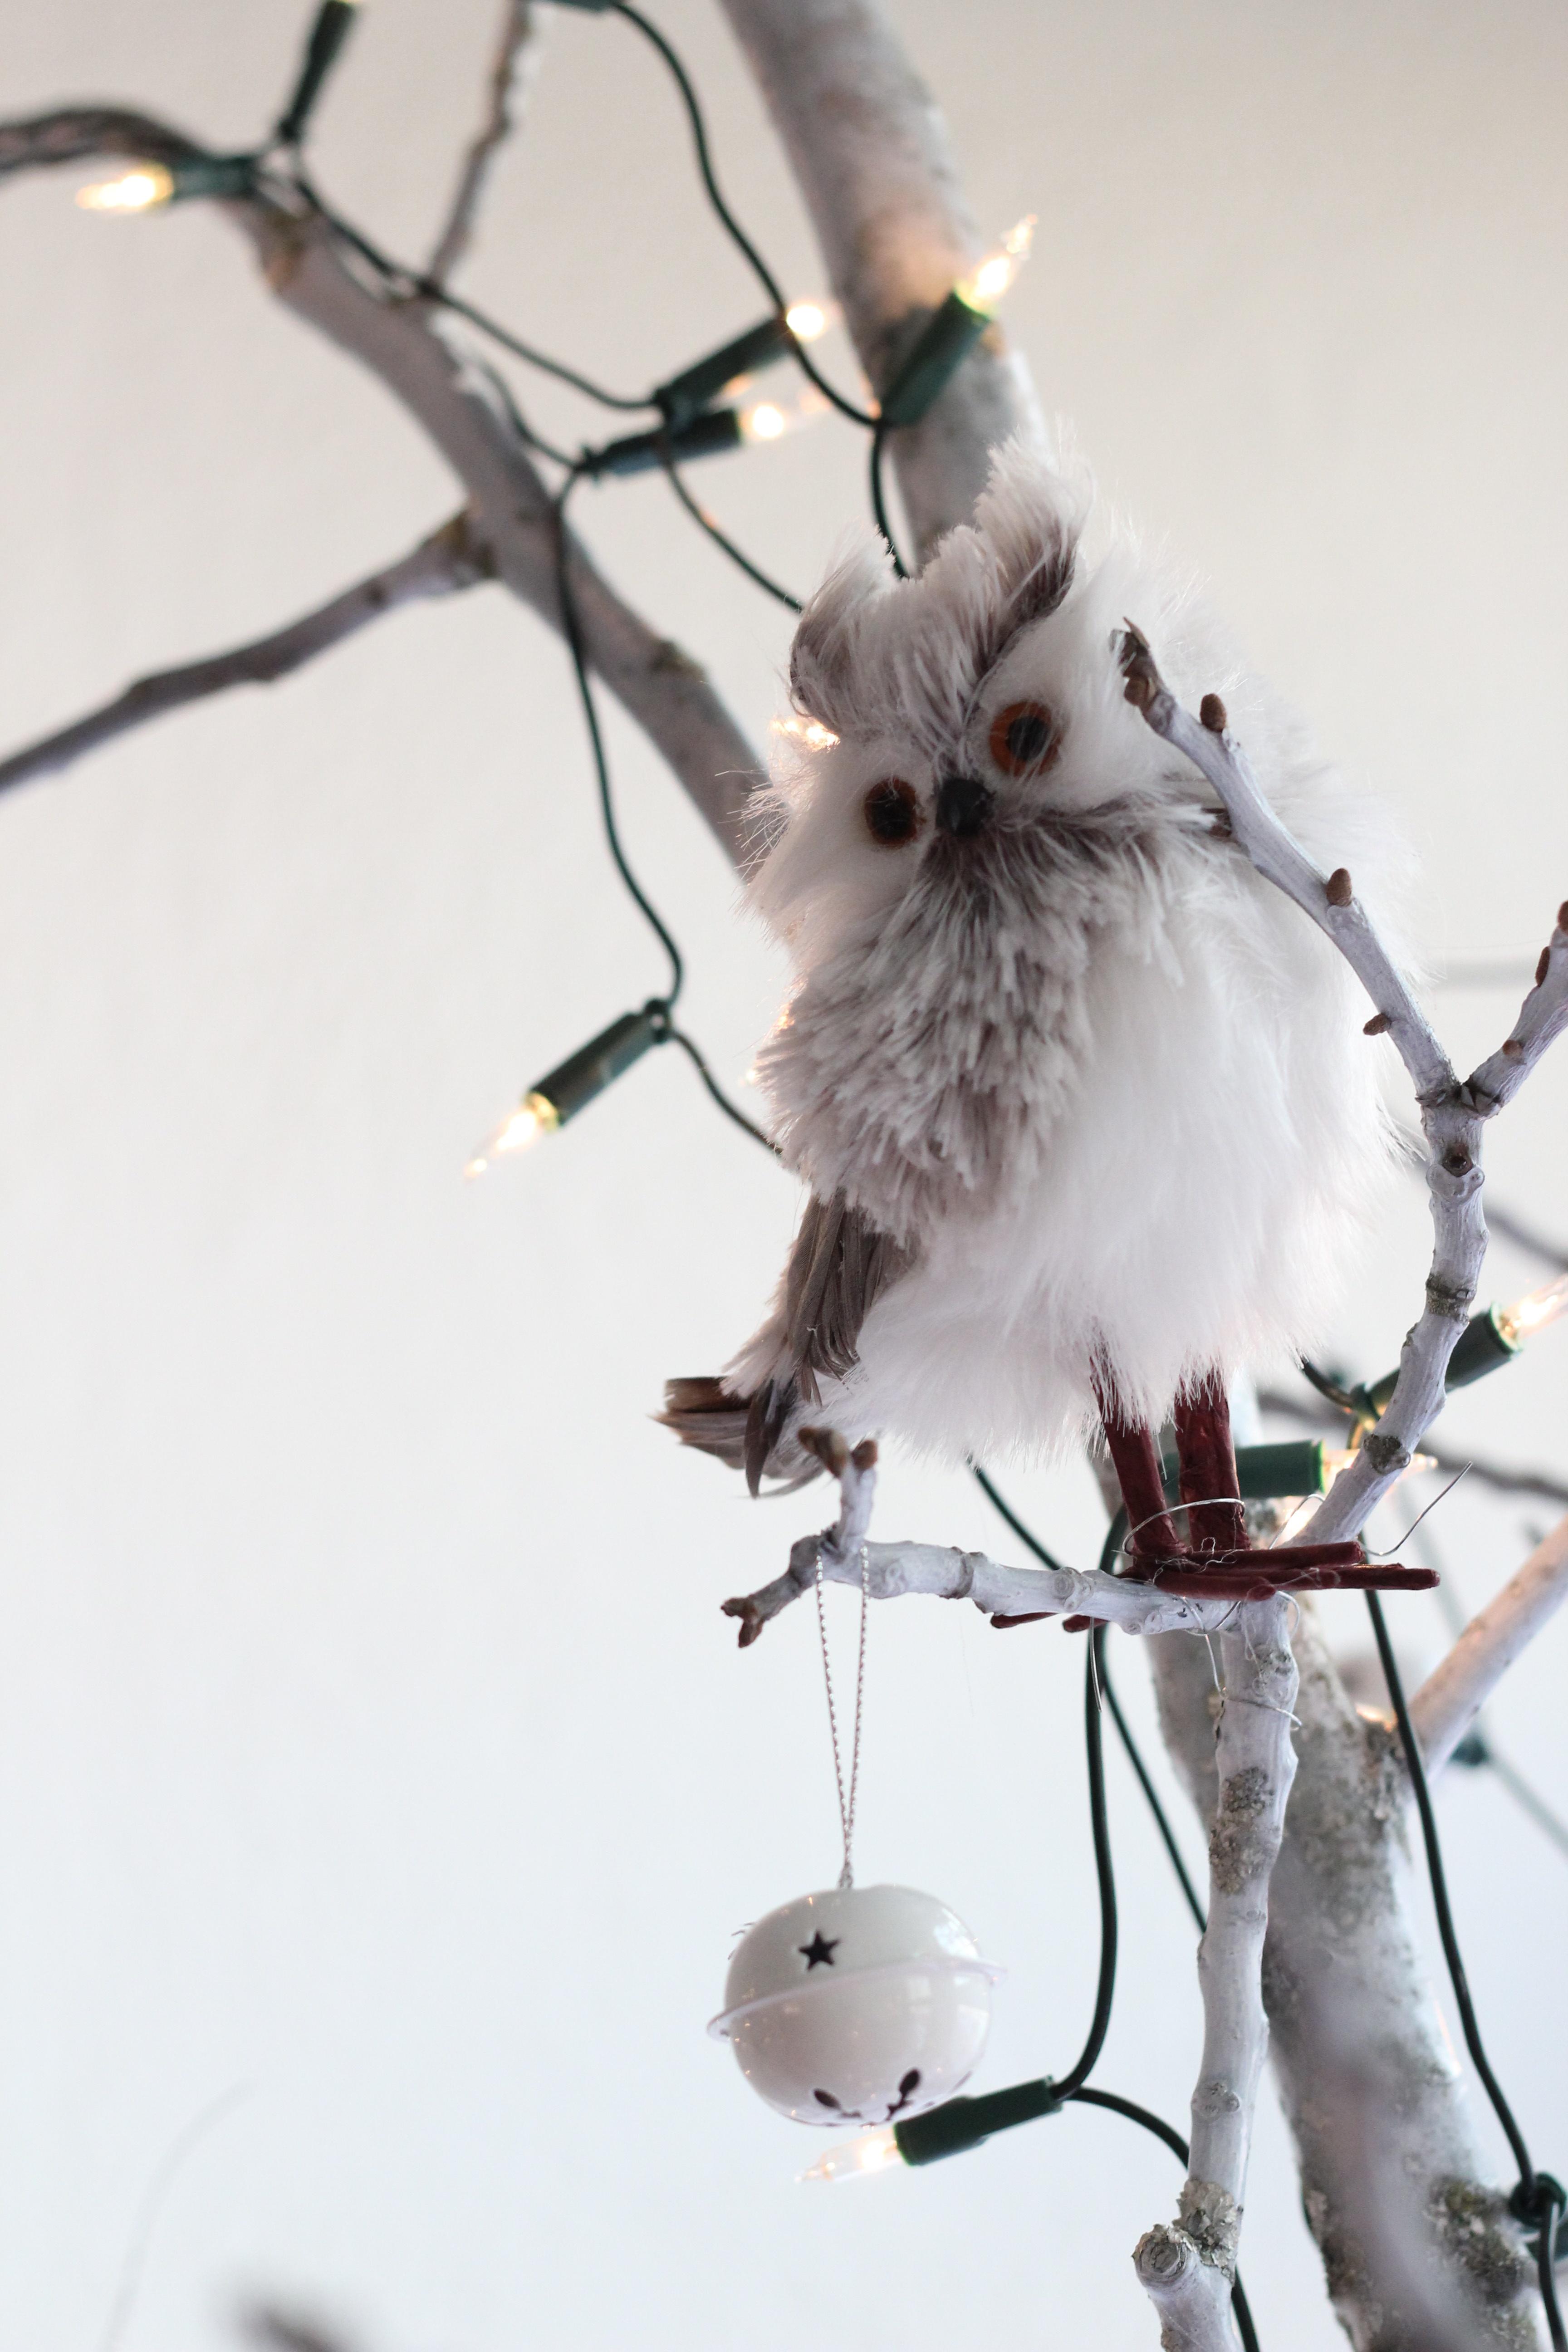 kostenlose foto ast schnee winter vogel wei blume. Black Bedroom Furniture Sets. Home Design Ideas